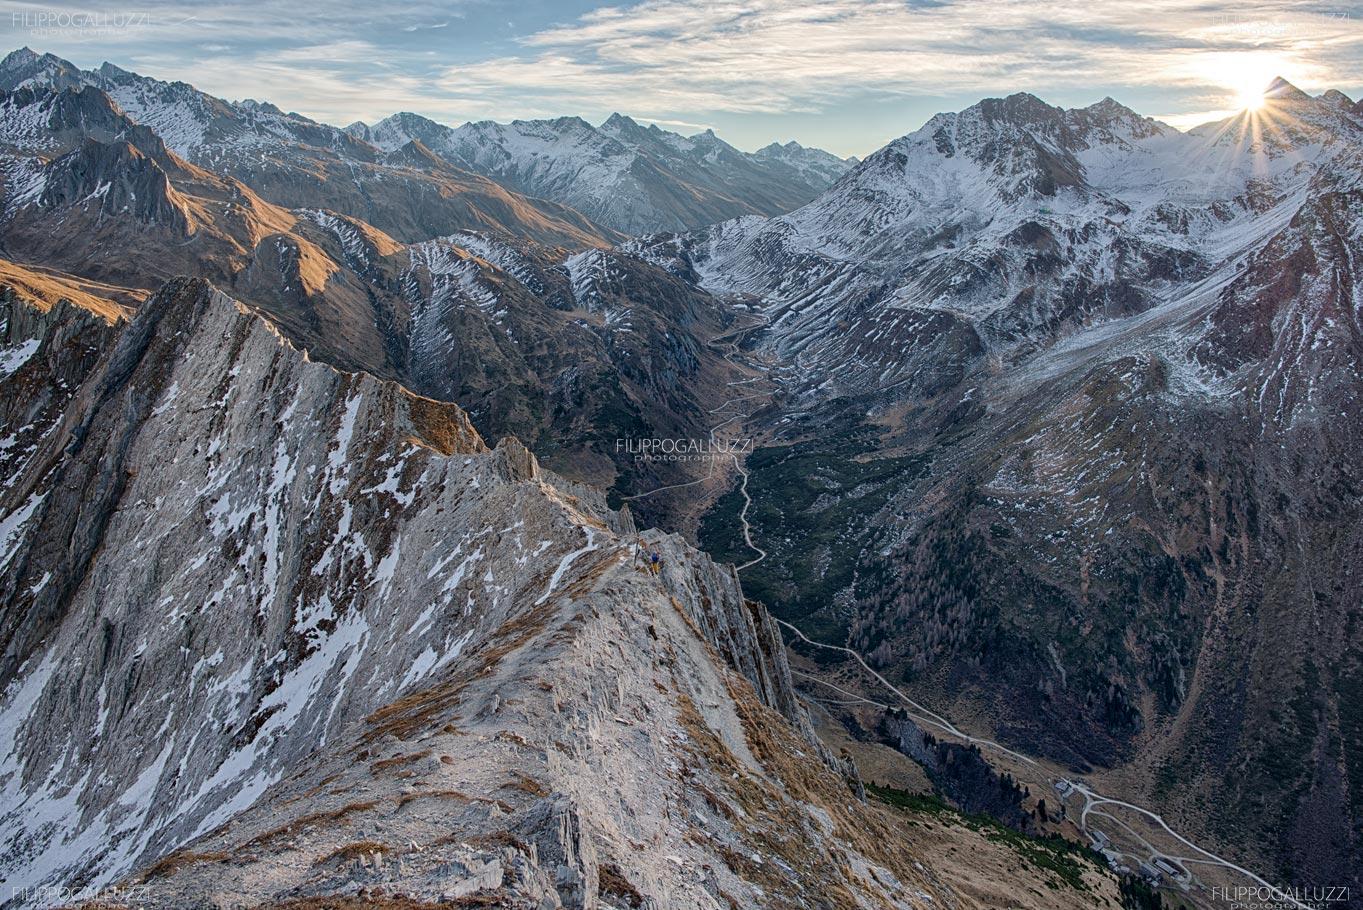 Valle Aurina, Riva di Tures - la croda bianca